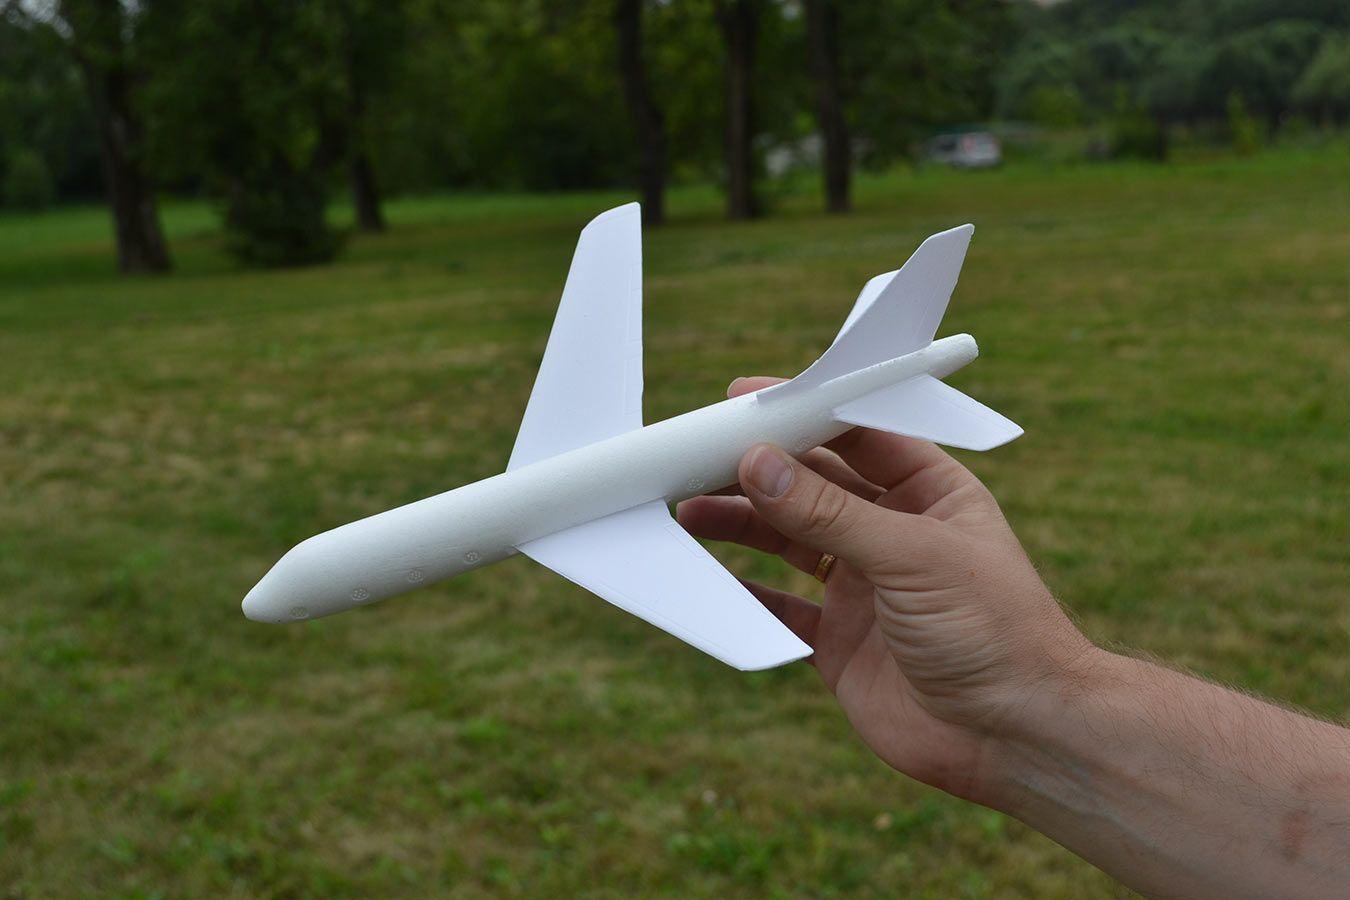 Планер Аэробус 27 см изображение 0